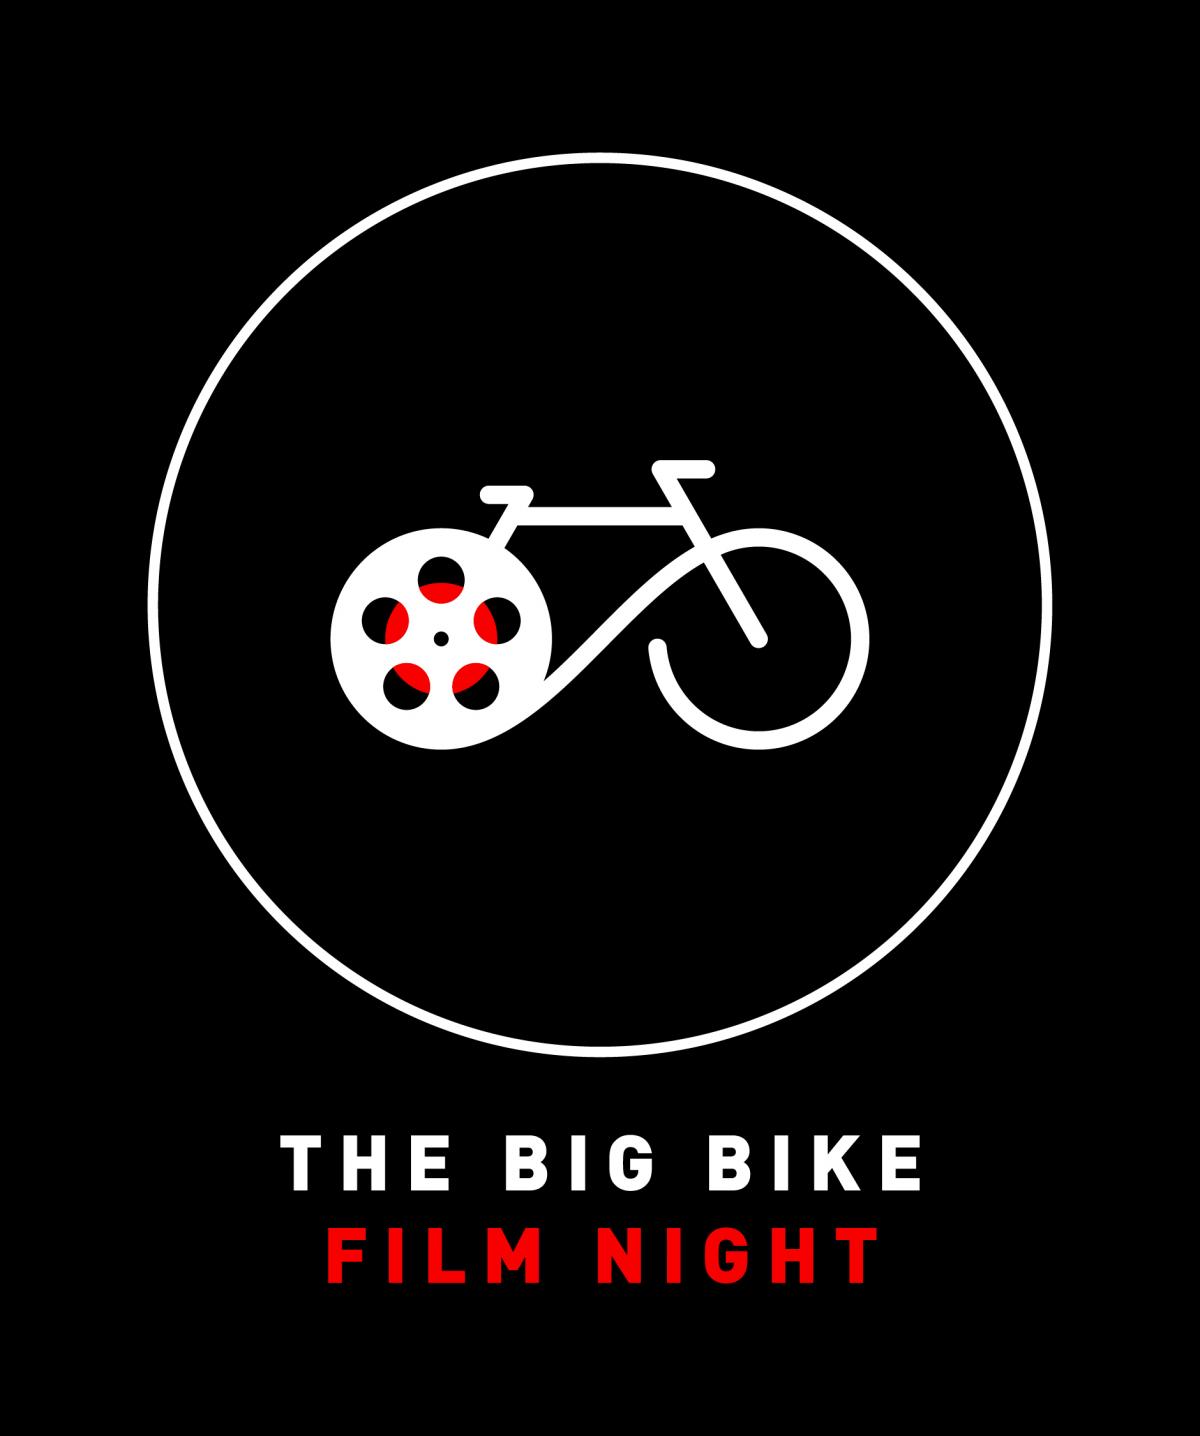 The Big Bike Film Night - Perth